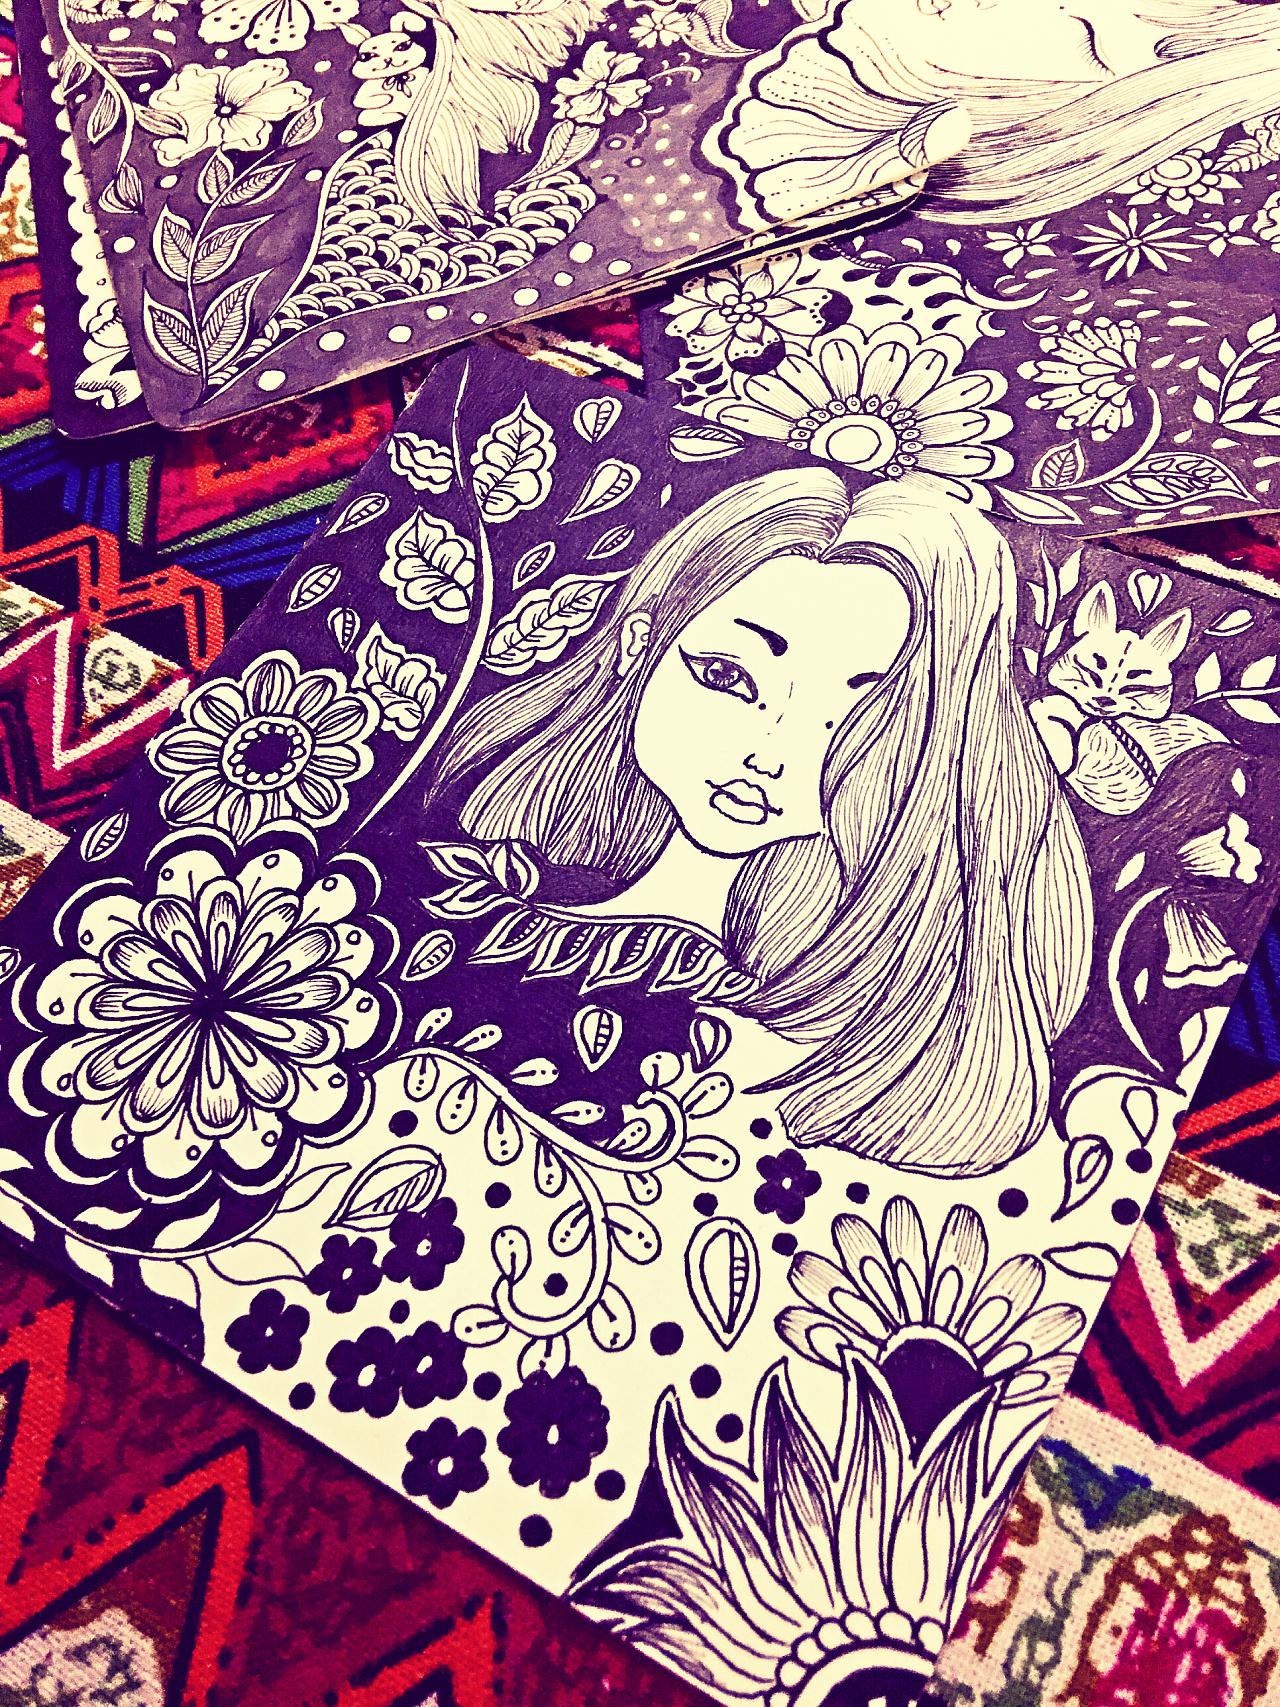 缠绕画,装饰画,手绘,插画,黑白装饰画,线描女孩